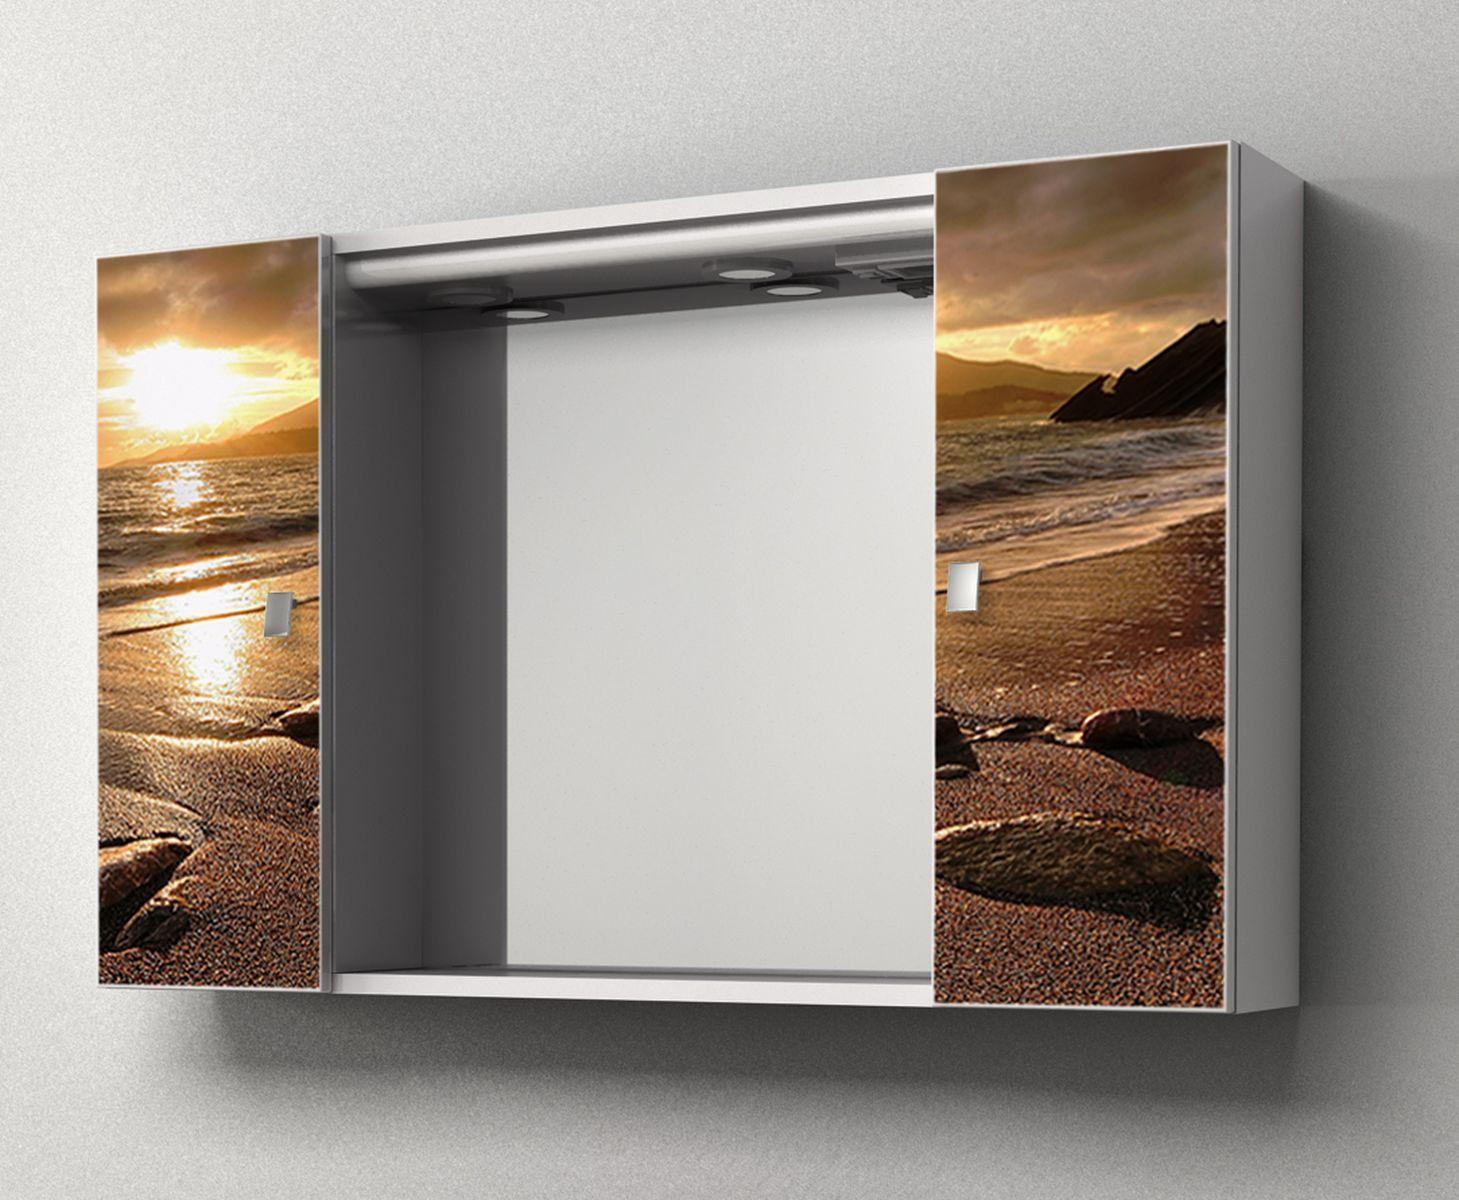 Specchiera contenitore da bagno yellow 94x60hx17 cm for Specchio contenitore bagno